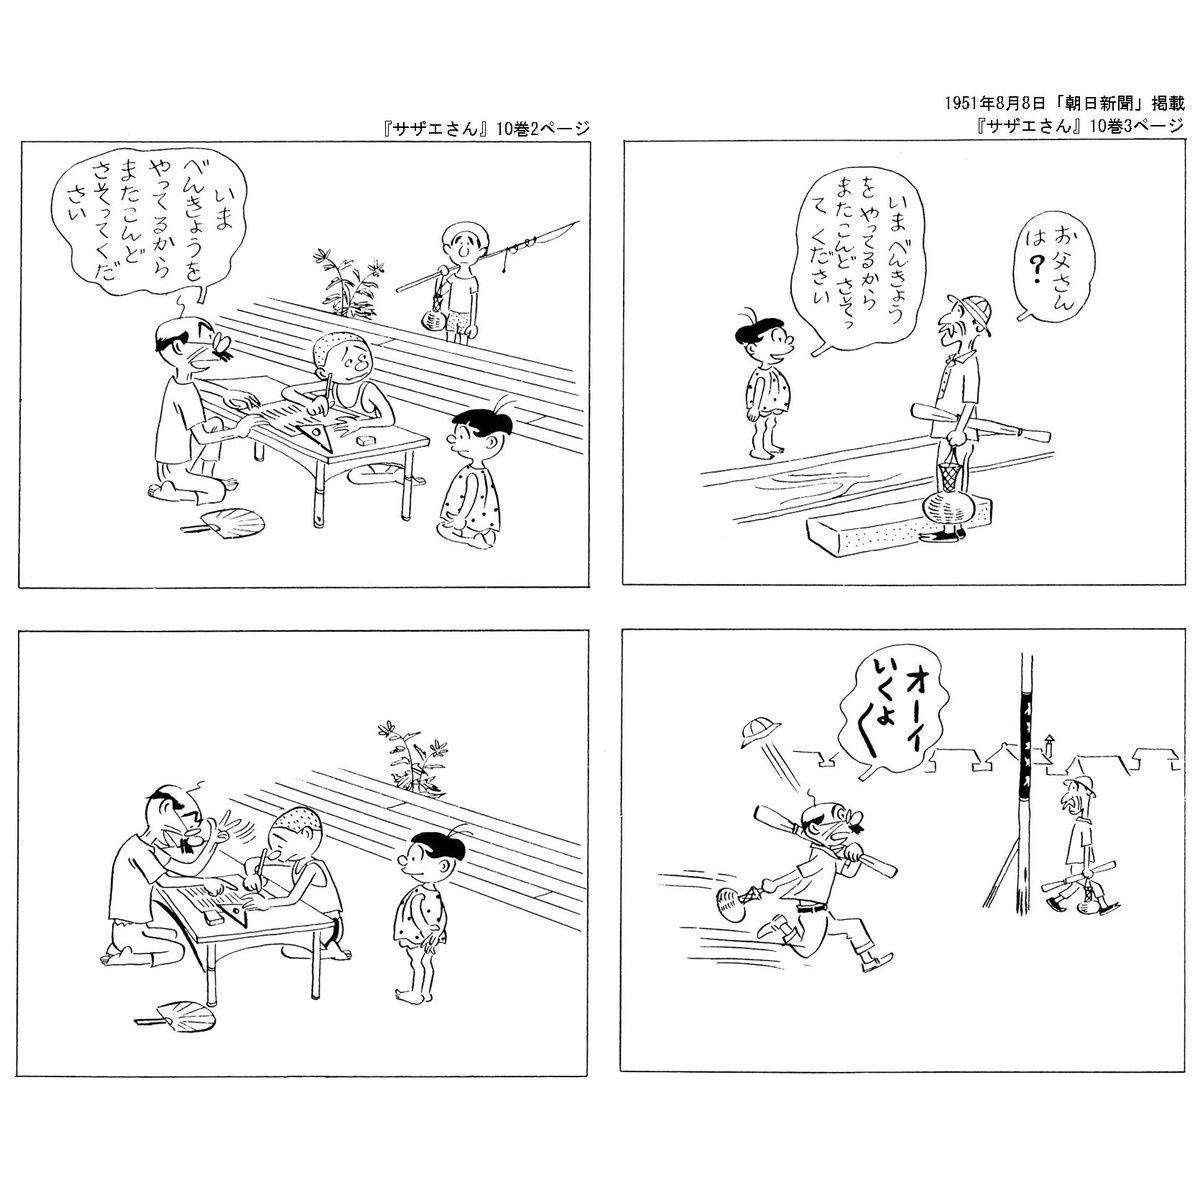 <2日目>1951年8月8日「朝日新聞」掲載『サザエさん』10巻2~3ページ